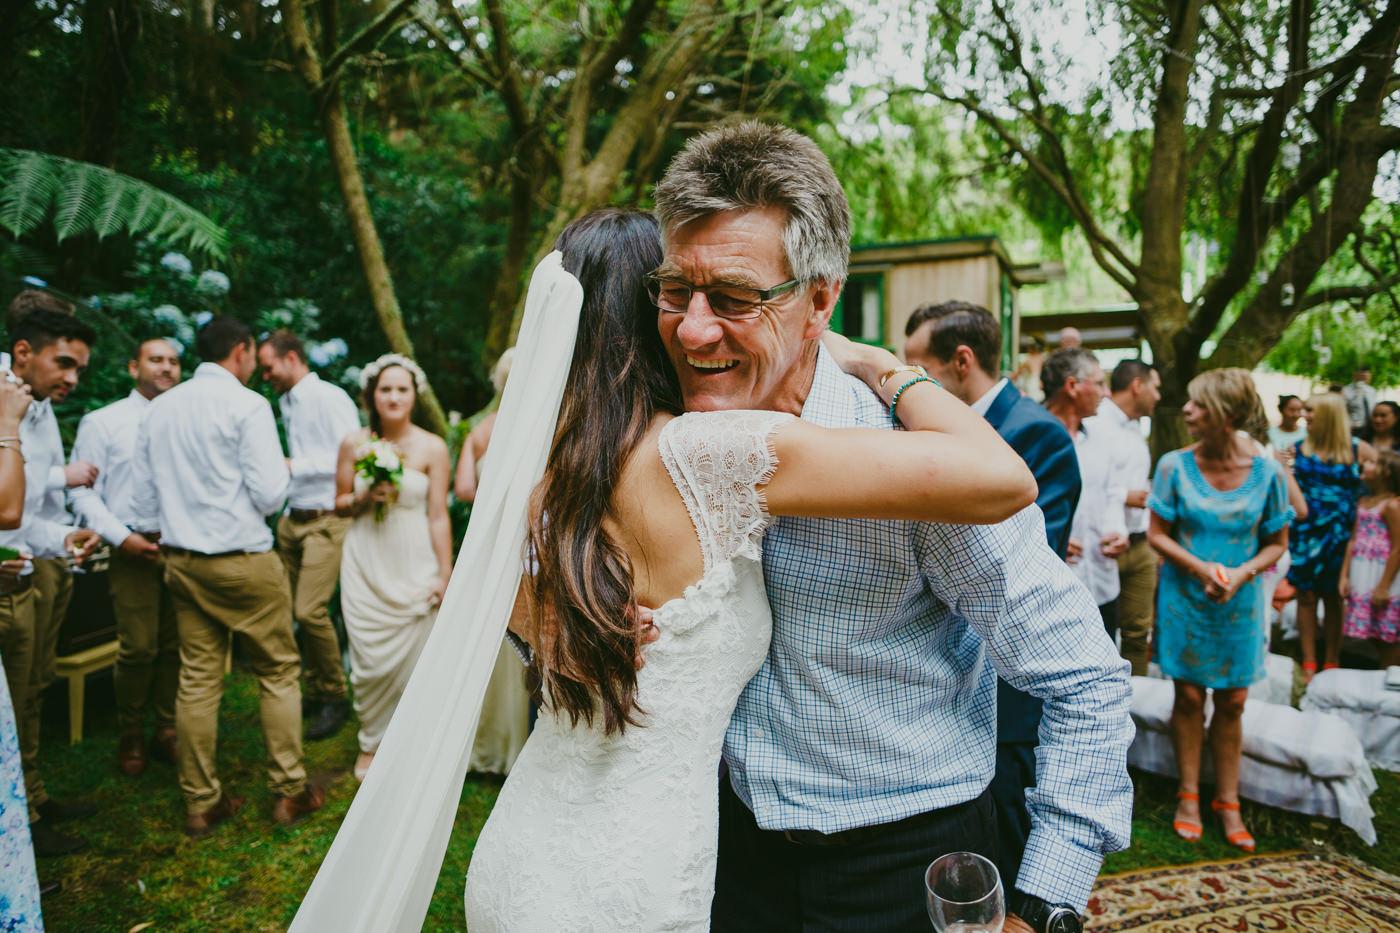 050z_auckland_leigh_wedding_photos.jpg